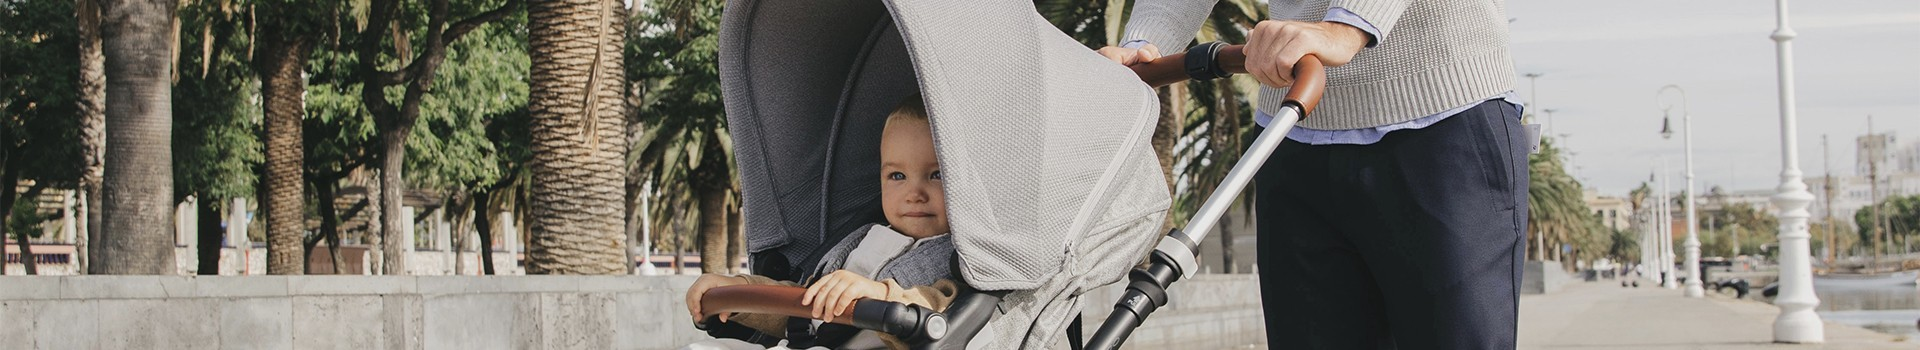 Poussettes pour bébés - Outlet